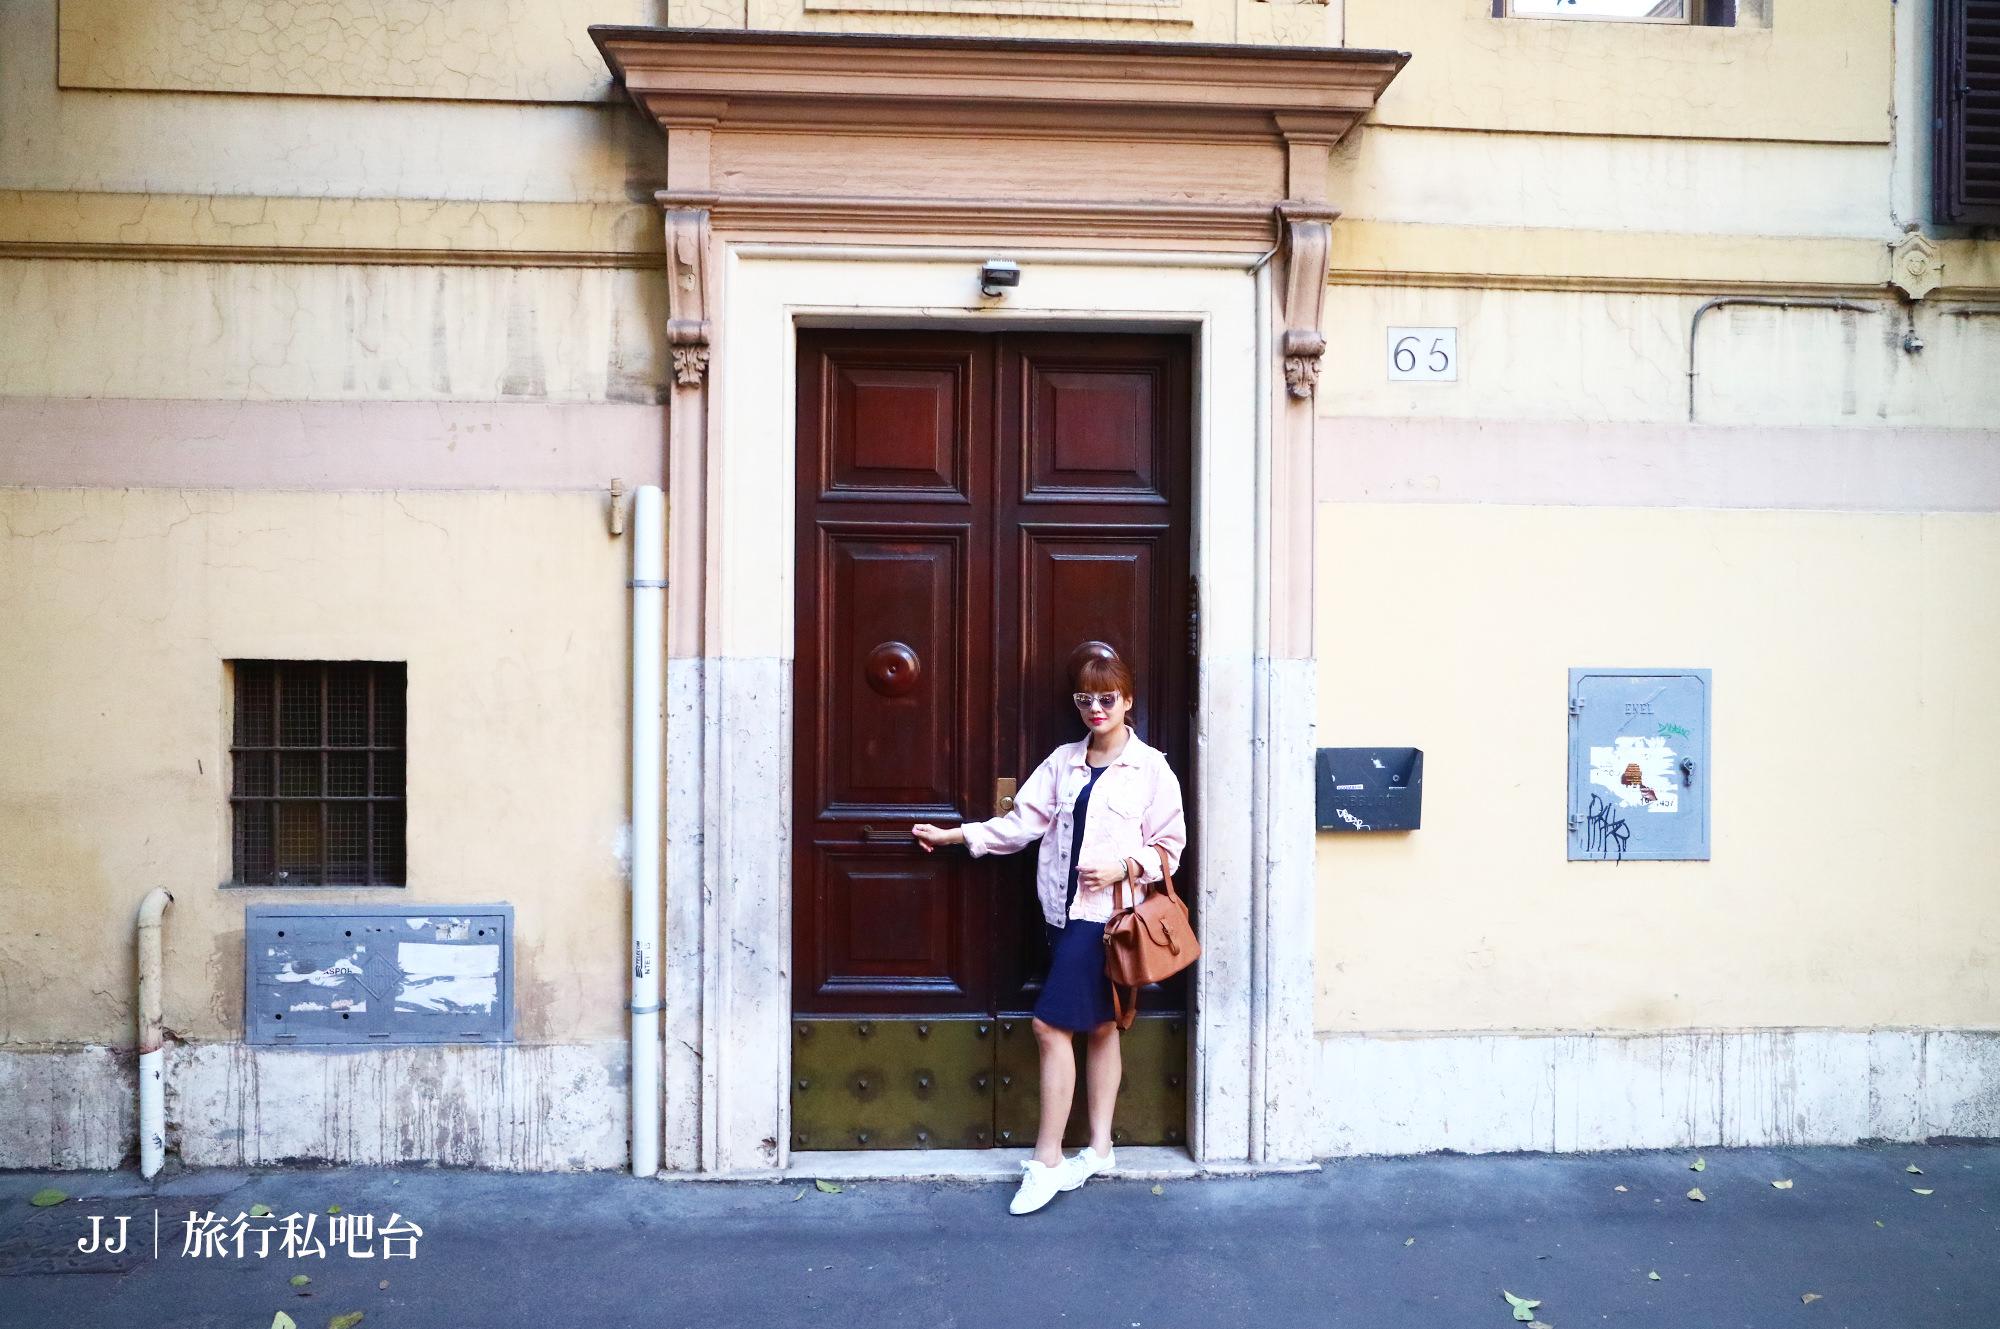 義大利羅馬住宿推薦|近梵蒂岡及地鐵Ottaviano站的五星質感民宿,適合家庭或團體旅行入住